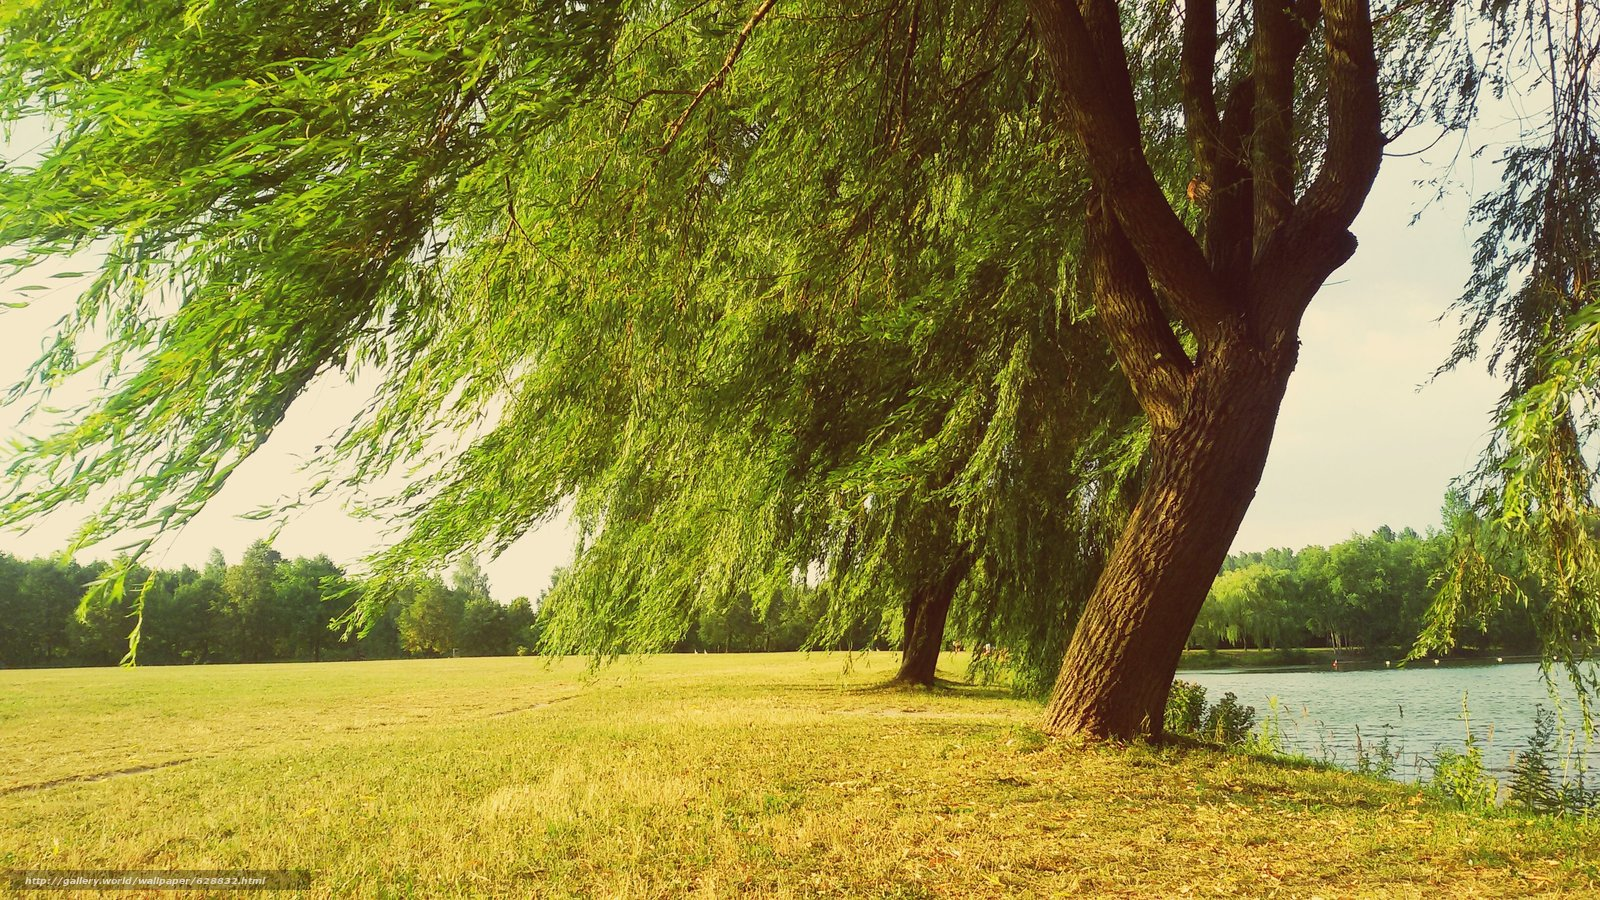 река, пейзаж, деревья, поле